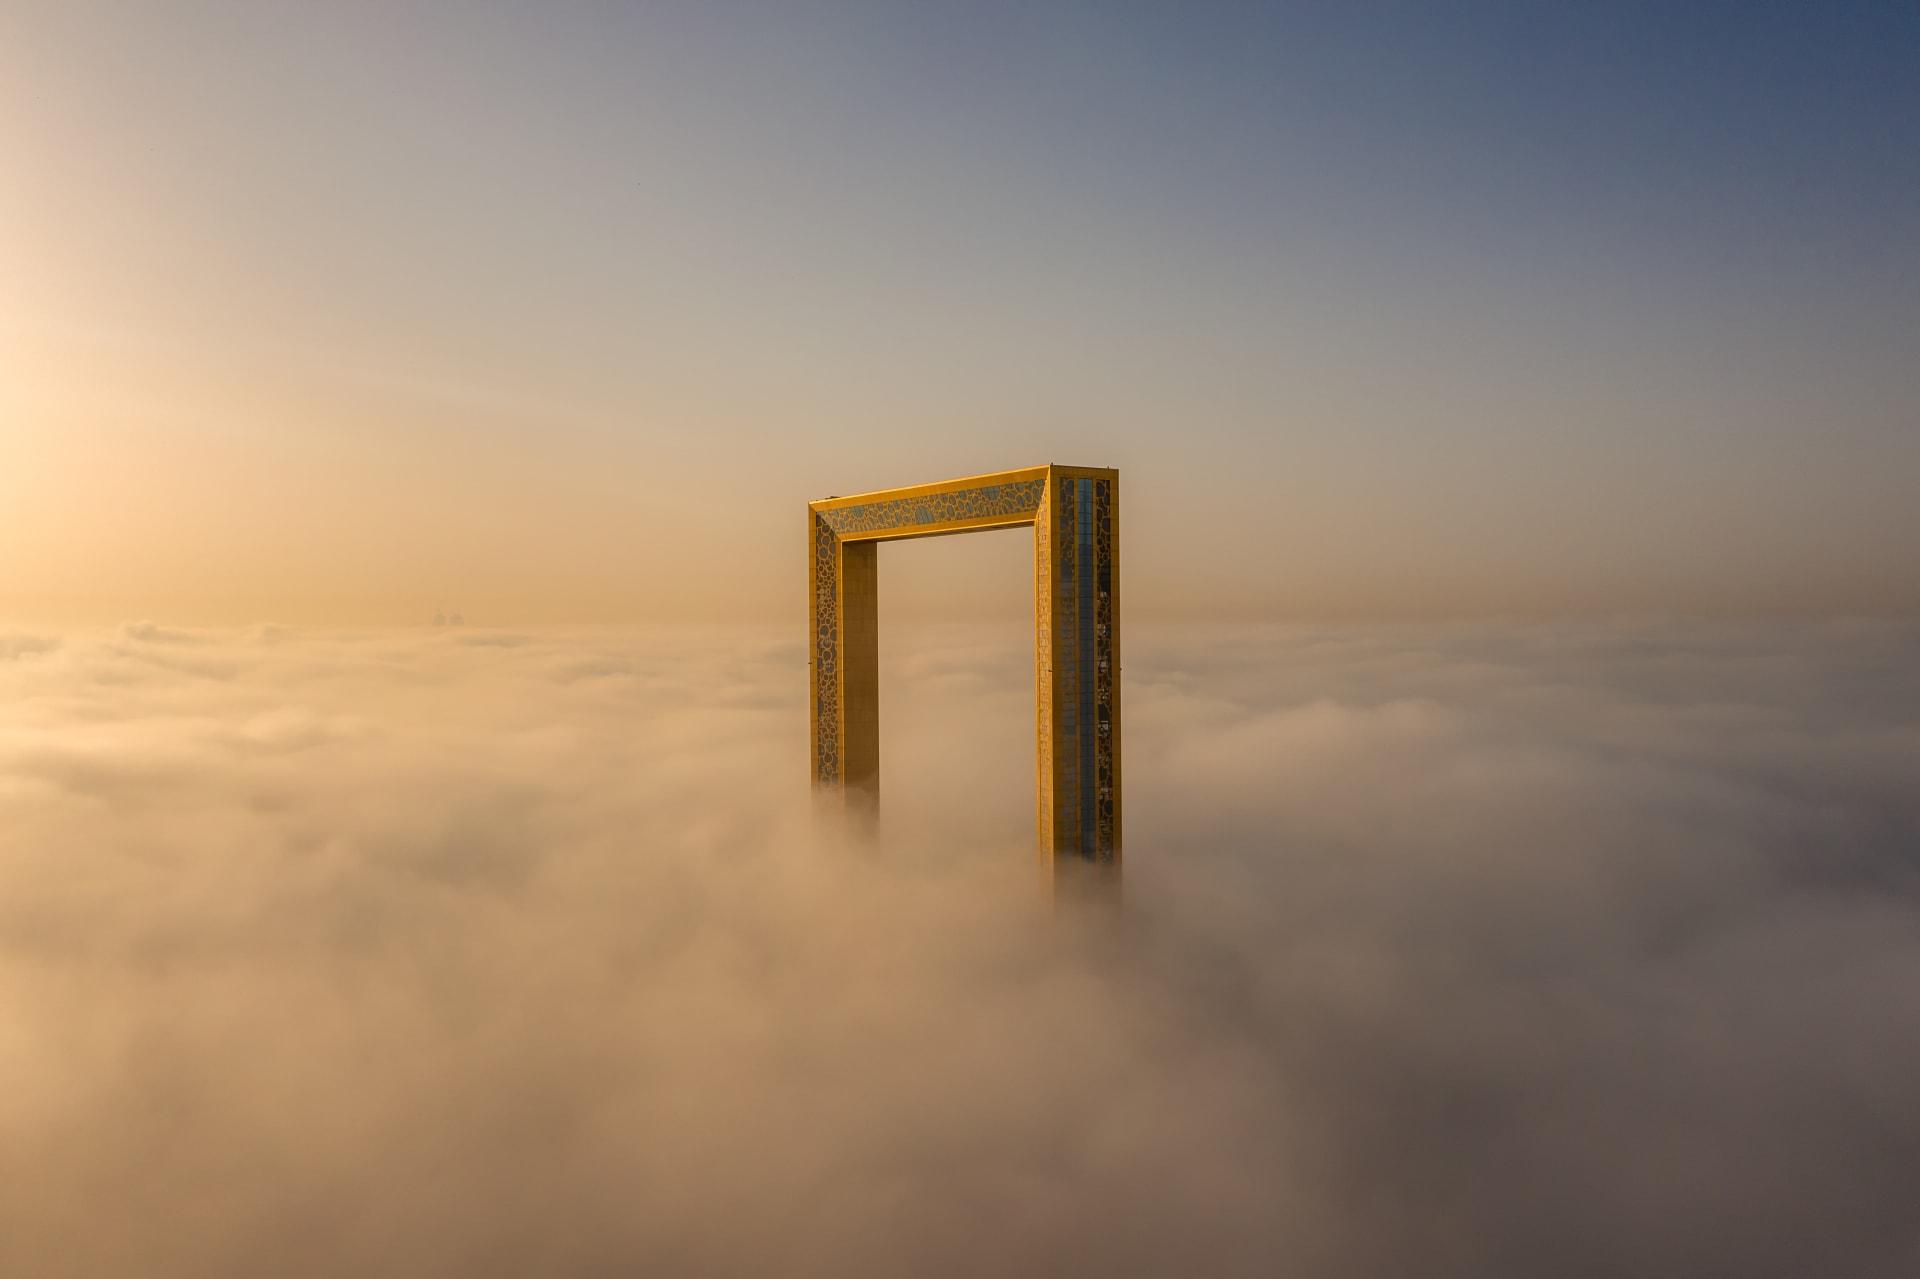 صورة لبرواز دبي فوق بحر من الضباب تفوز في مسابقة تصوير جوية